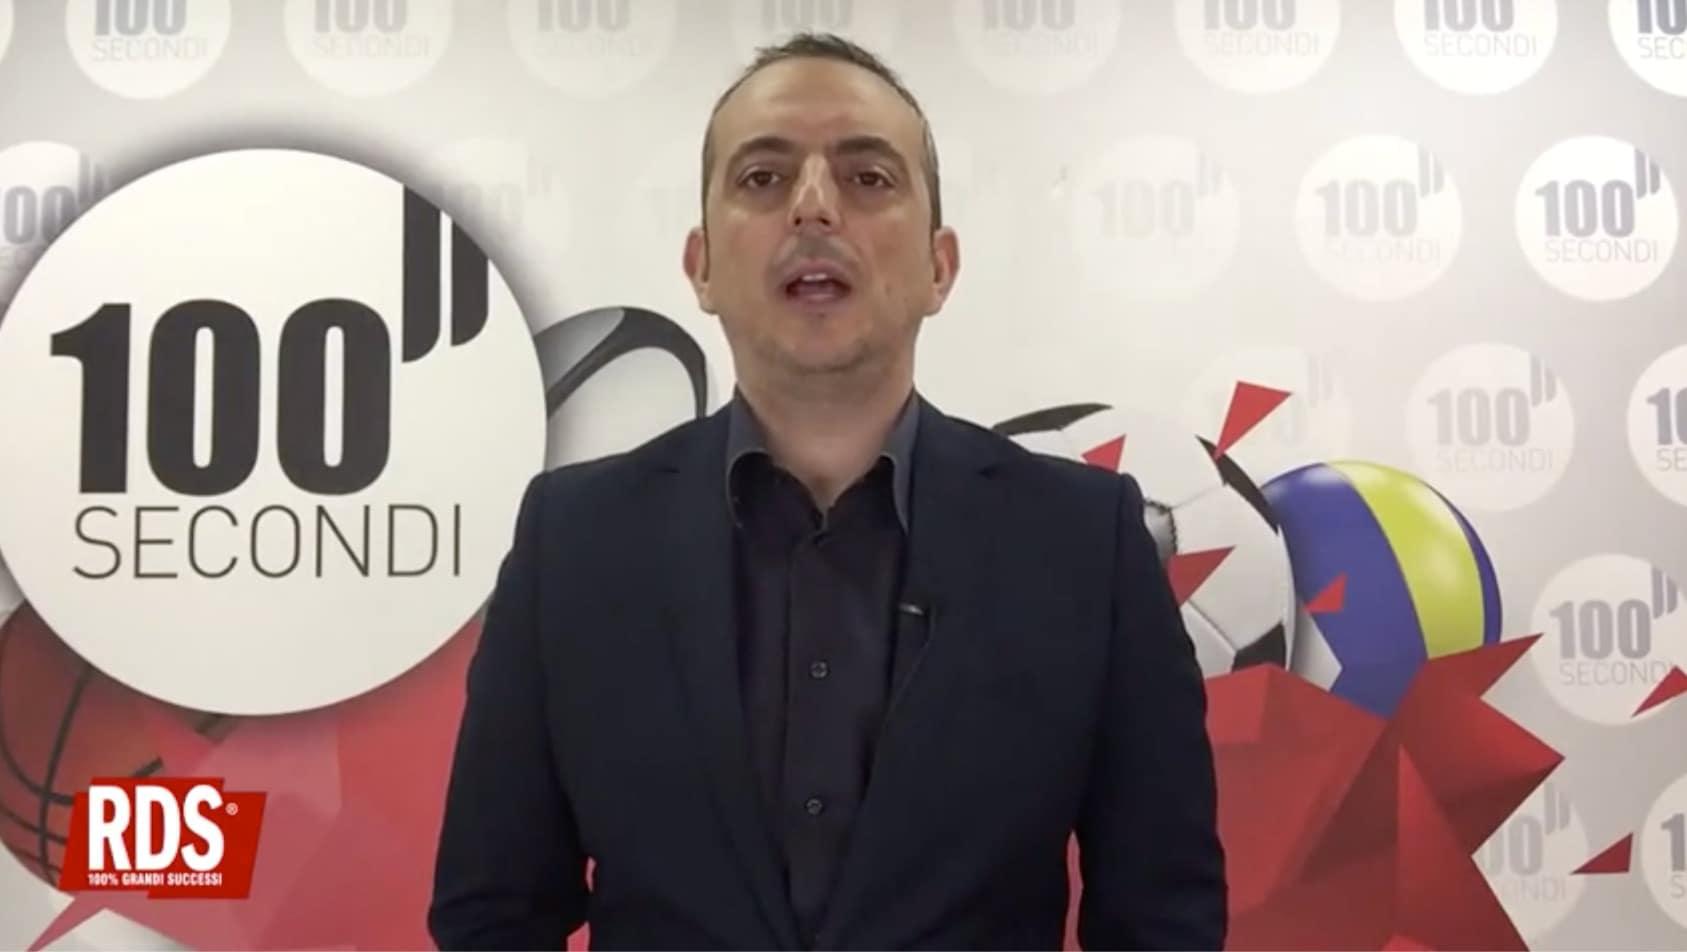 """I 100 secondi di Pasquale Salvione: """"Non solo convincere, Sarri ora deve anche vincere"""""""